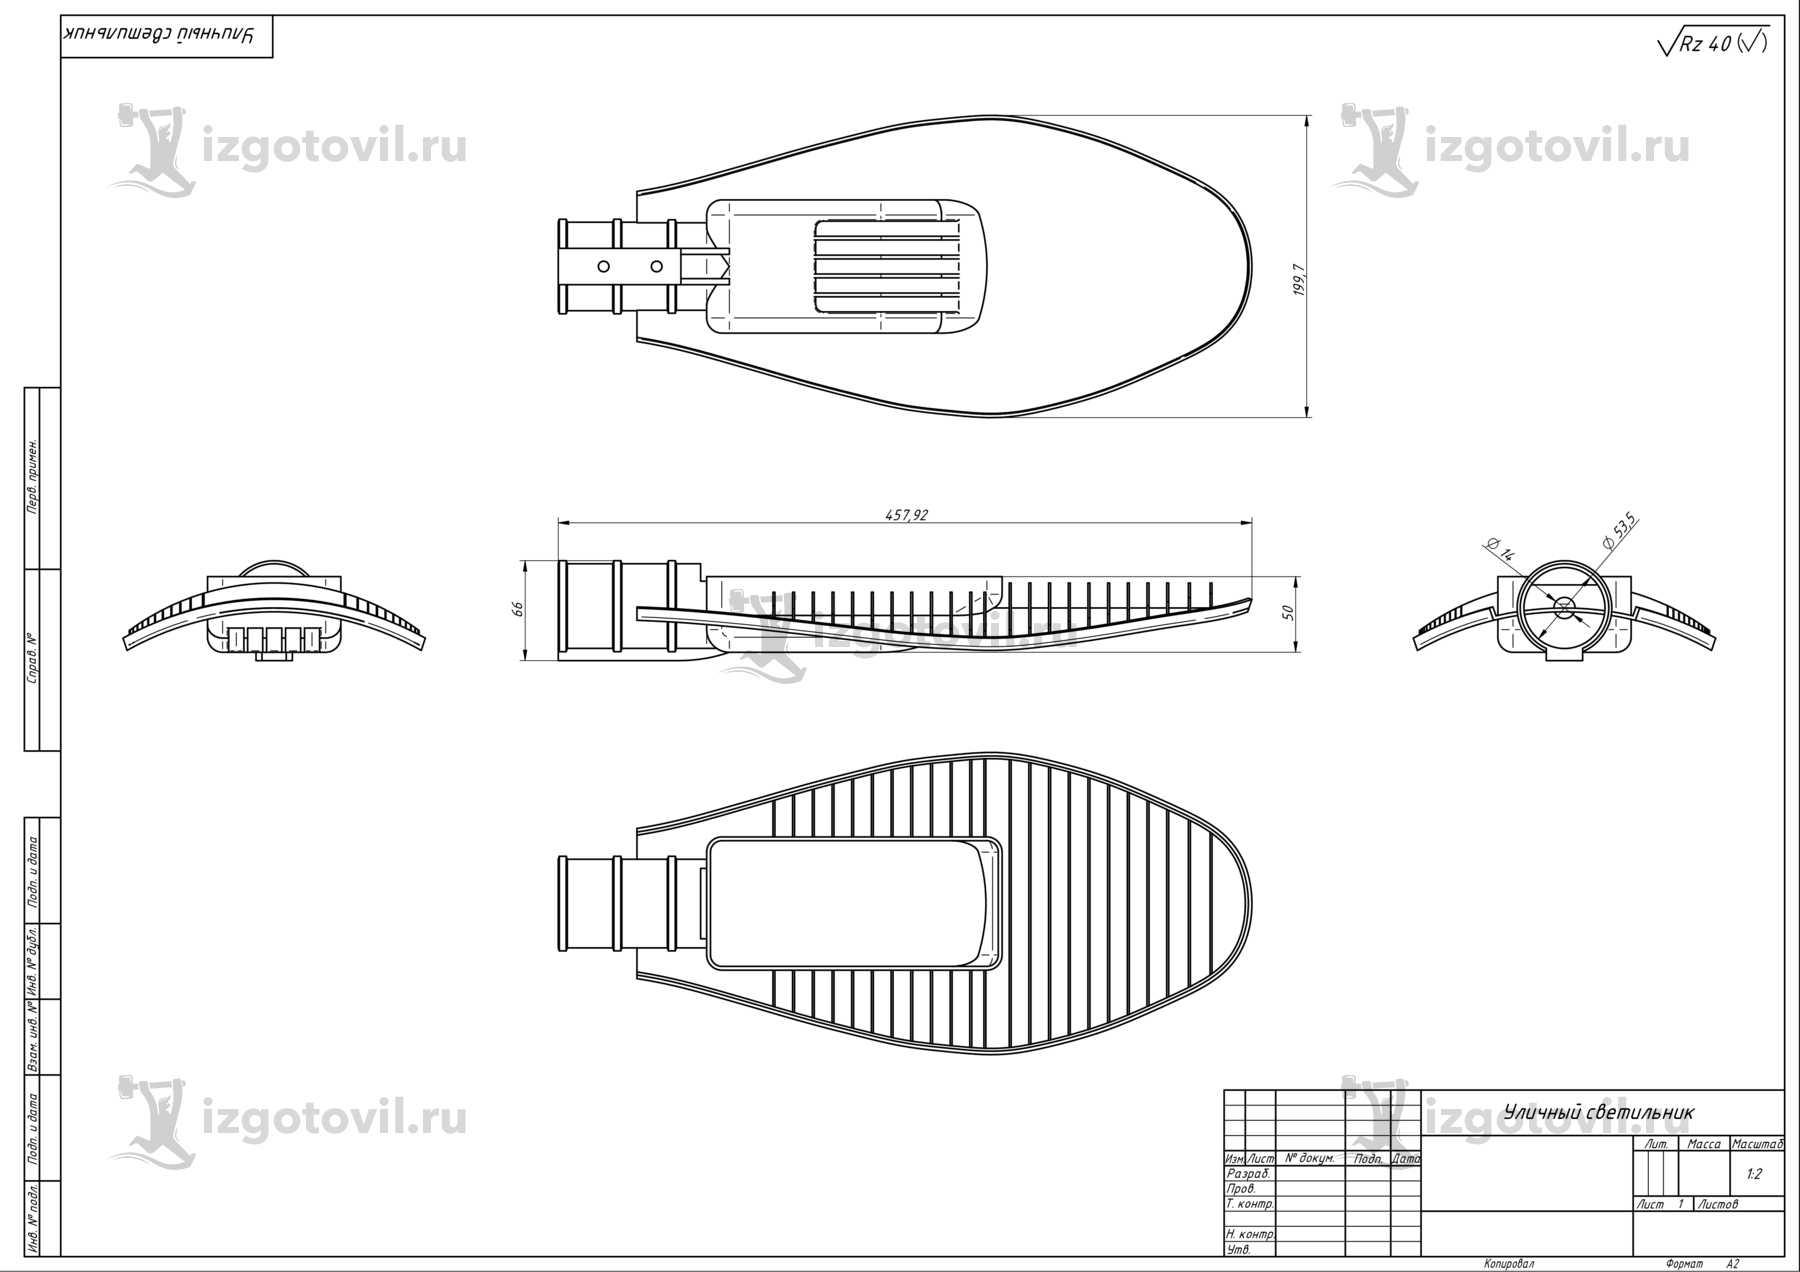 Пресс форма для литья (корпуса уличного светильника)